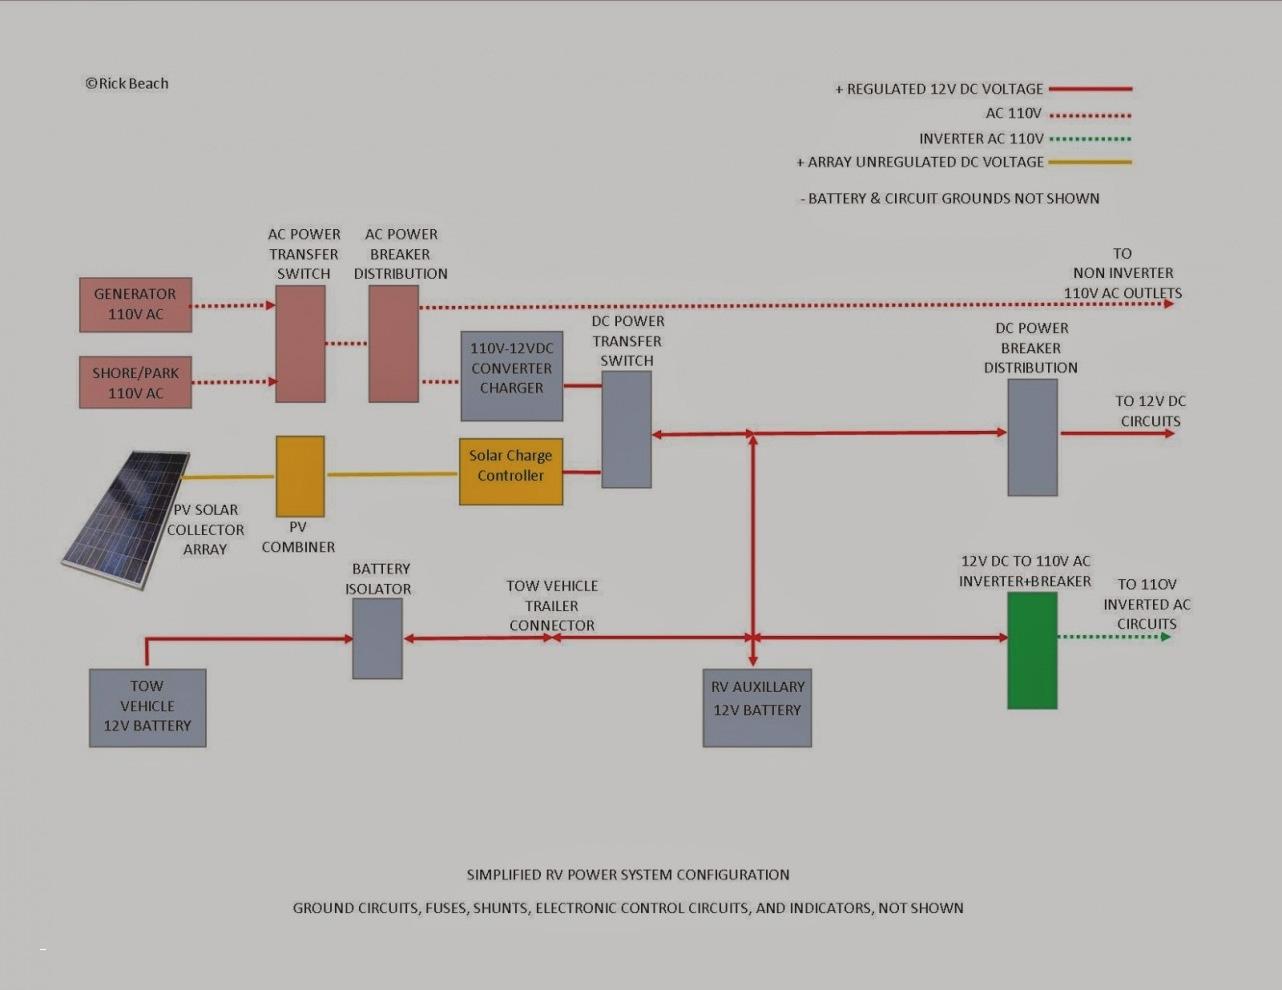 Ac Wiring Diagram | Free Wiring Diagram on